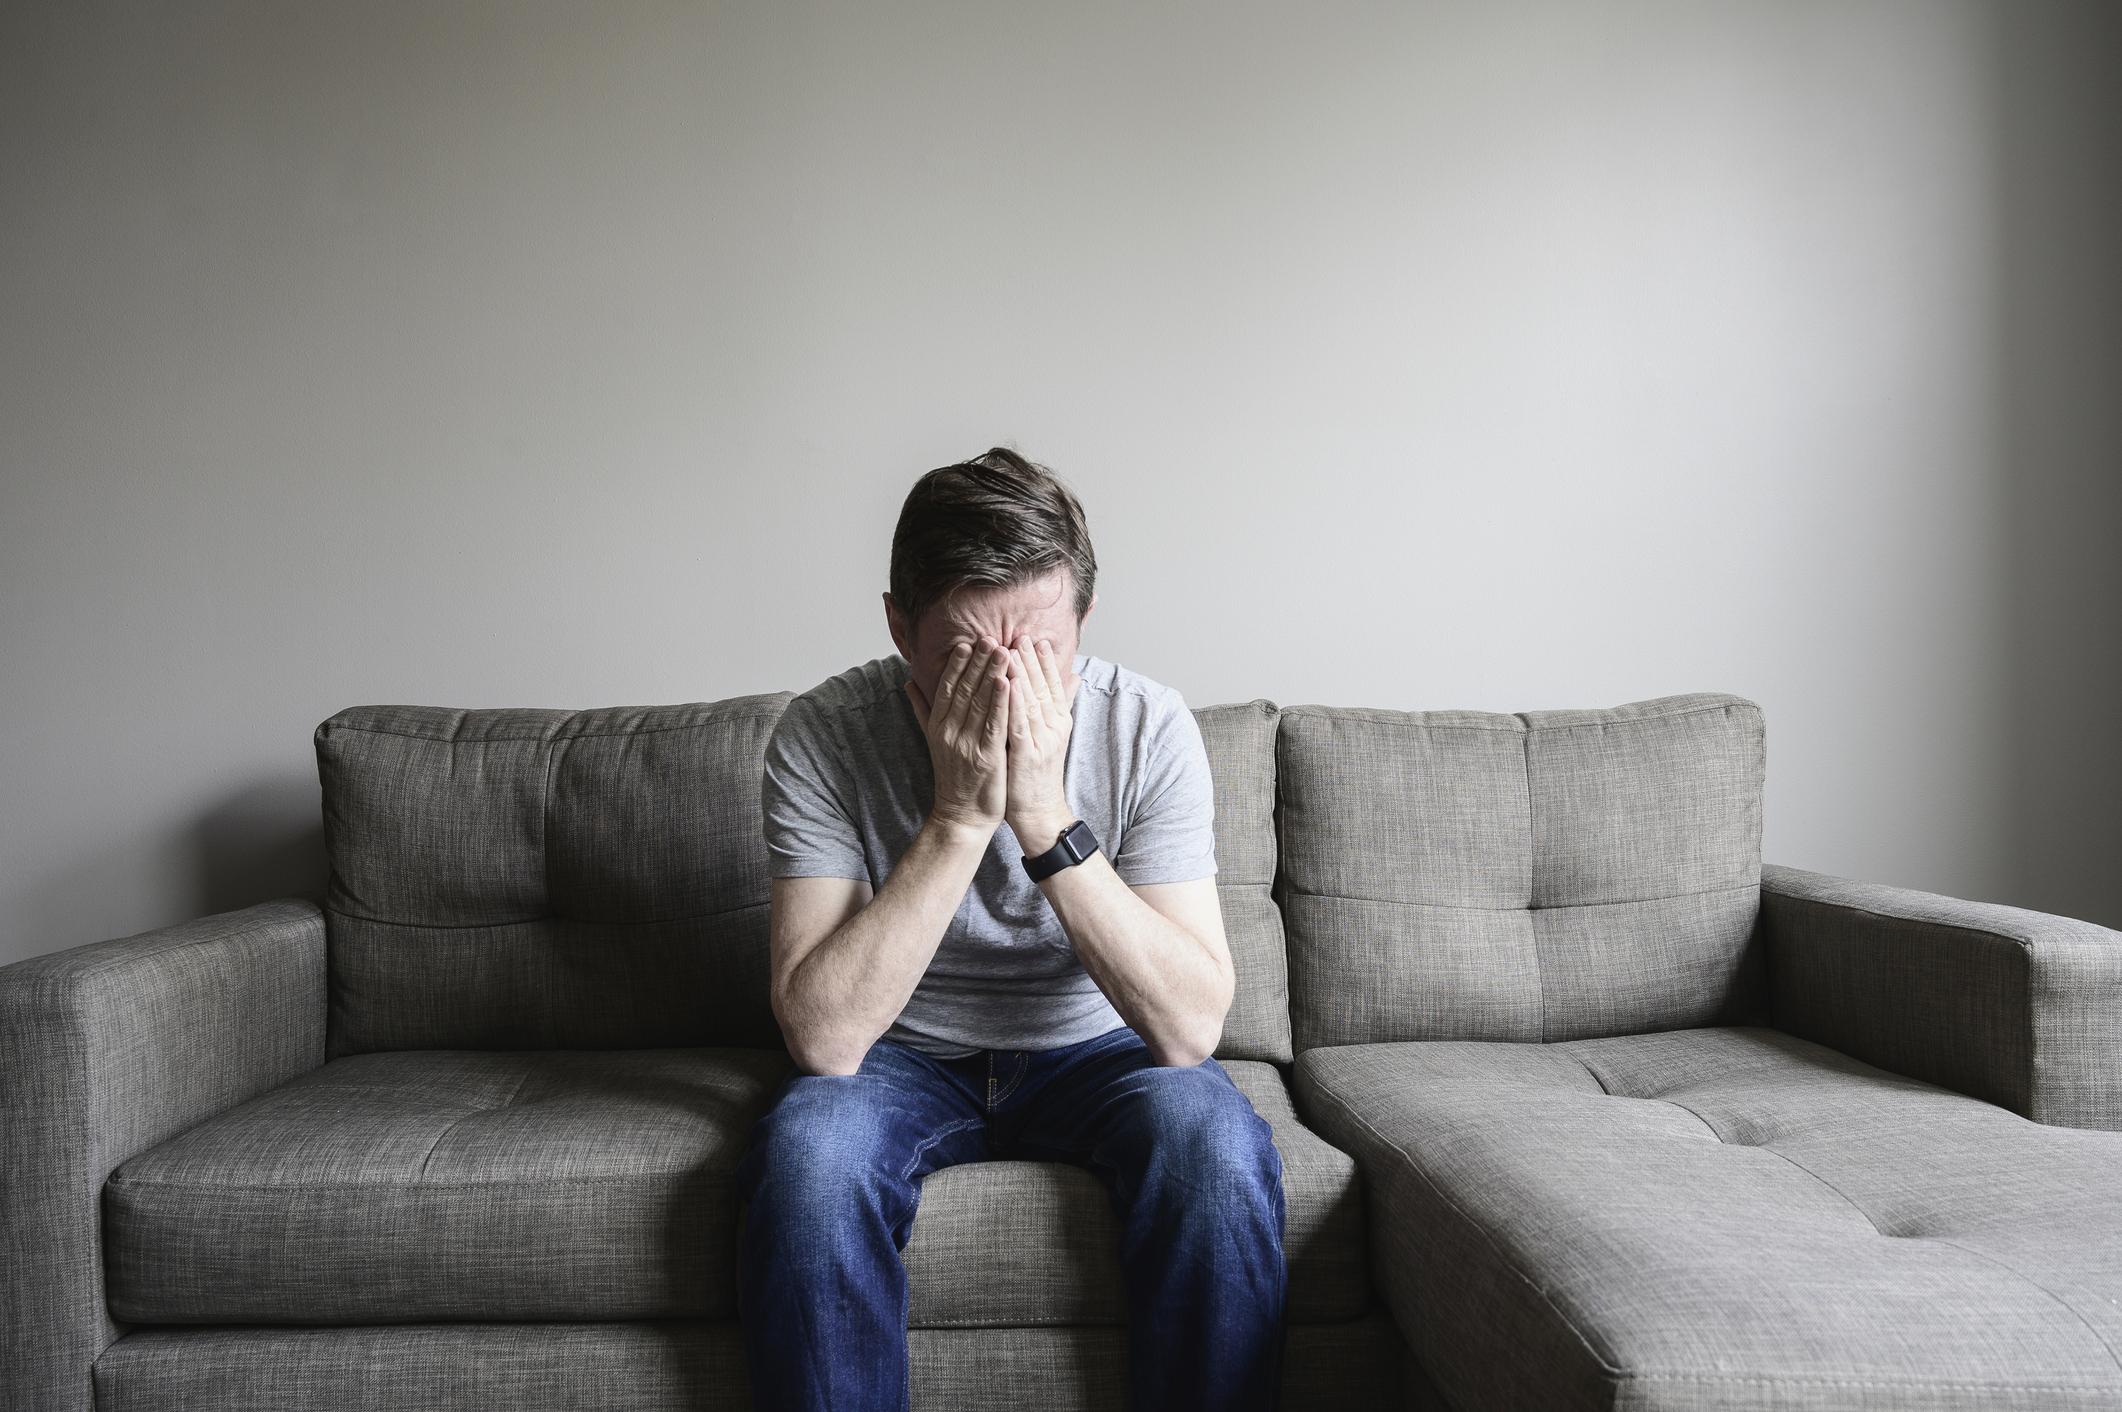 Un ieșean căutat pentru 12 jafuri cere să nu fie extrădat pentru că are depresie. Răspunsul original al judecătorilor